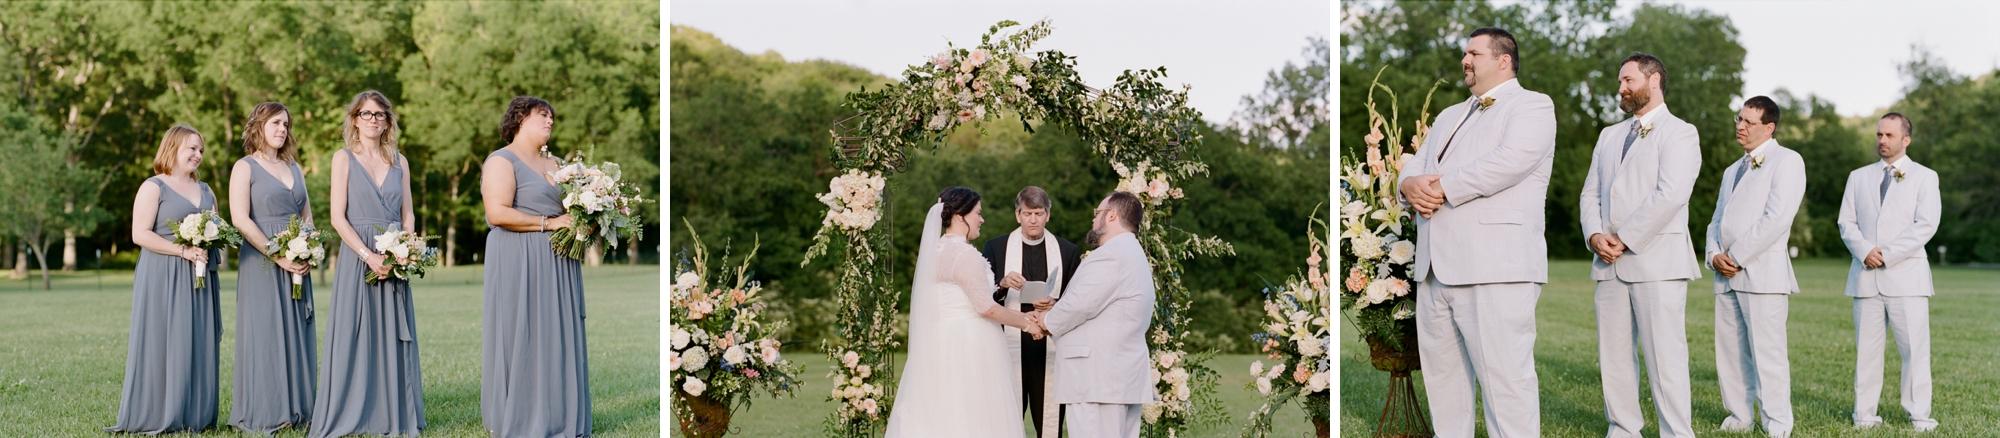 nashville wedding photographer_0026